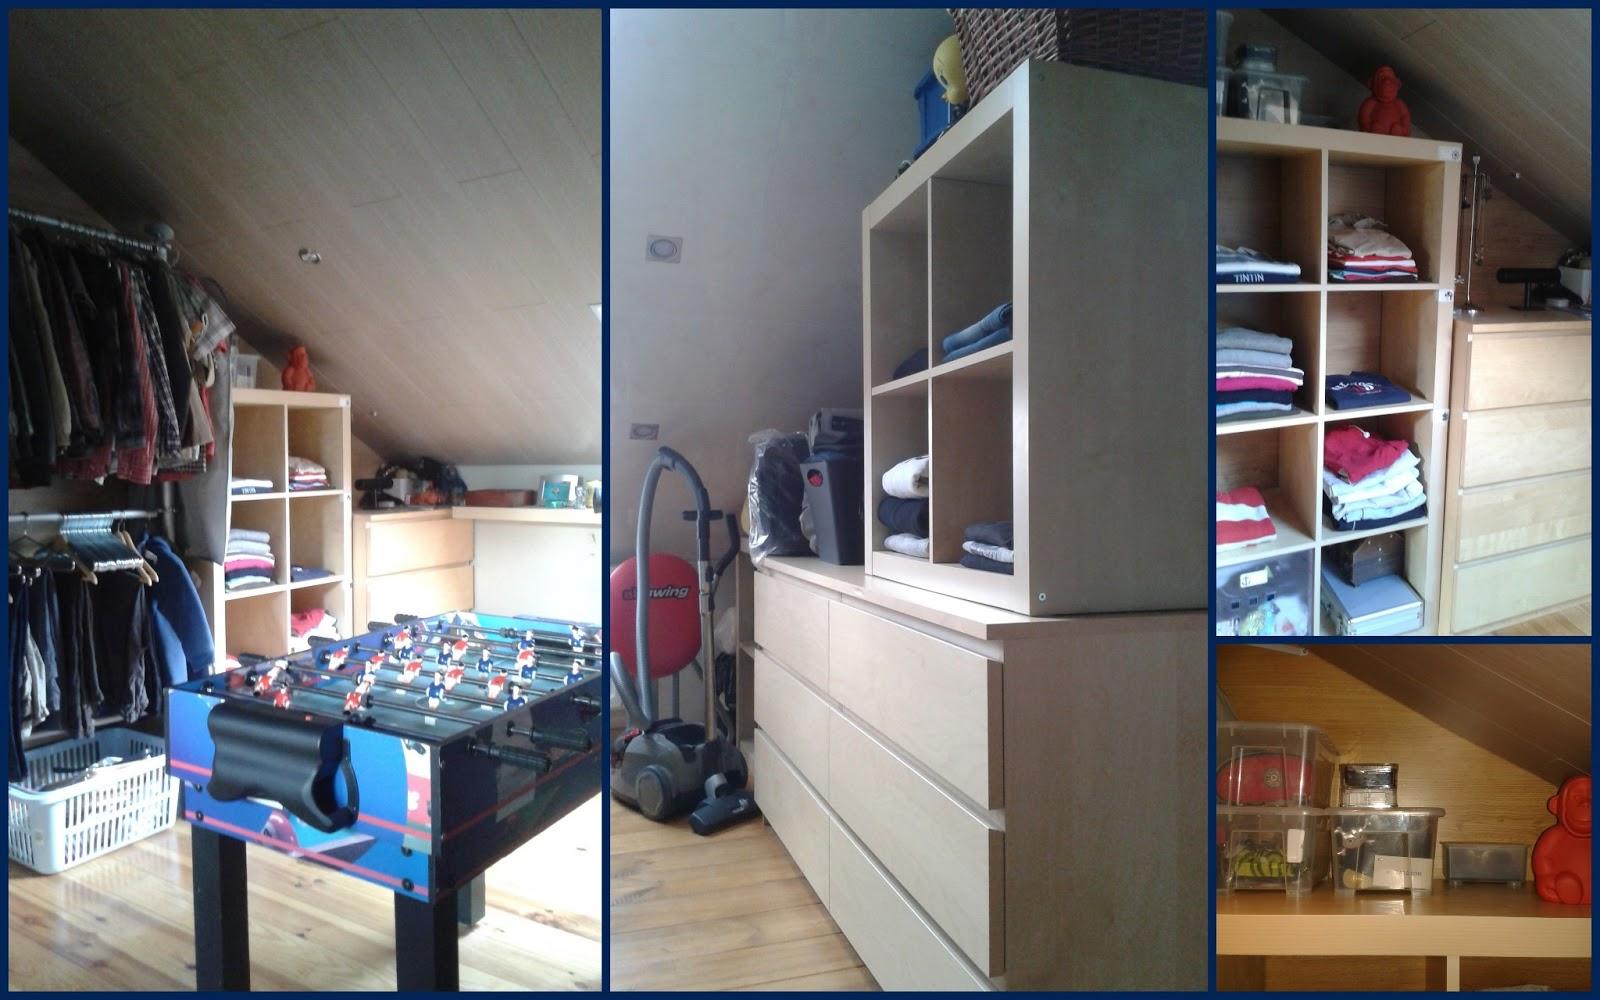 mon blog parmi tant d 39 autres lechatmorpheus astuce rangement linge pour mon ado. Black Bedroom Furniture Sets. Home Design Ideas